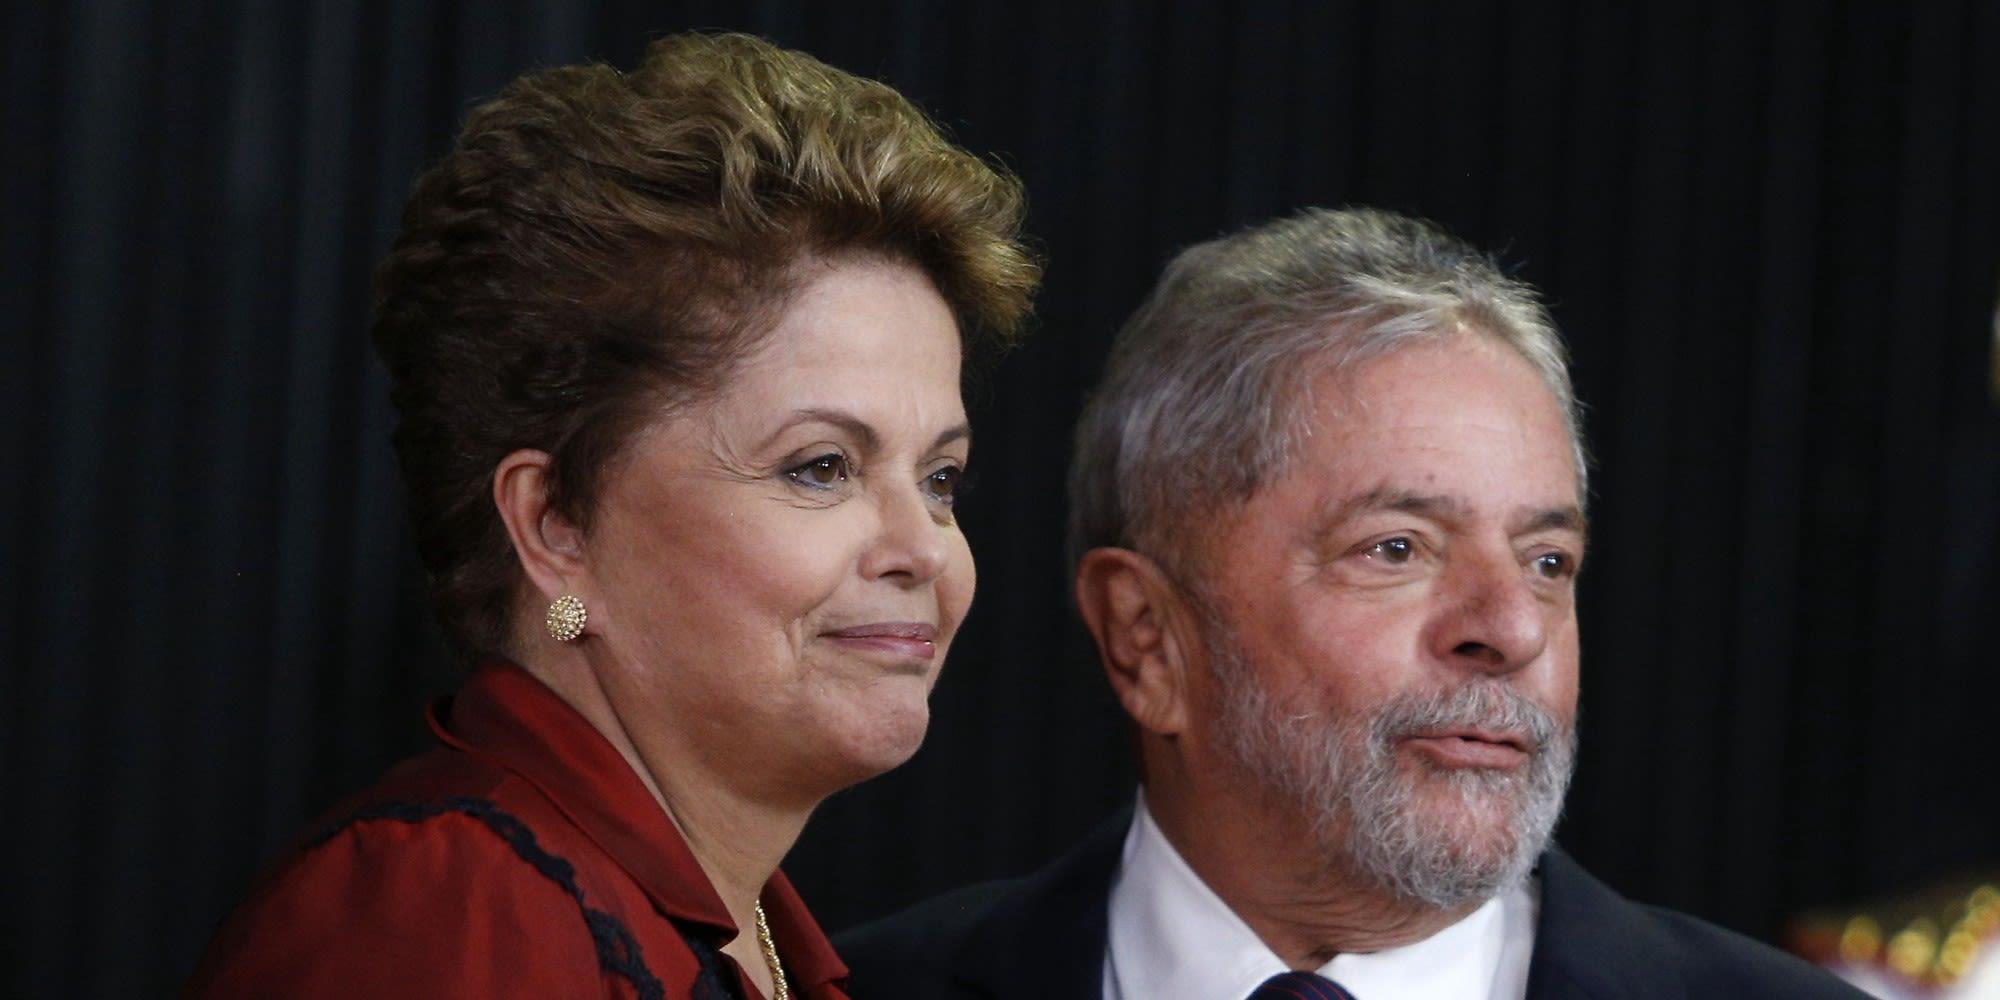 Você oraria pelo Lula e pela Dilma? - DropsGelion #04